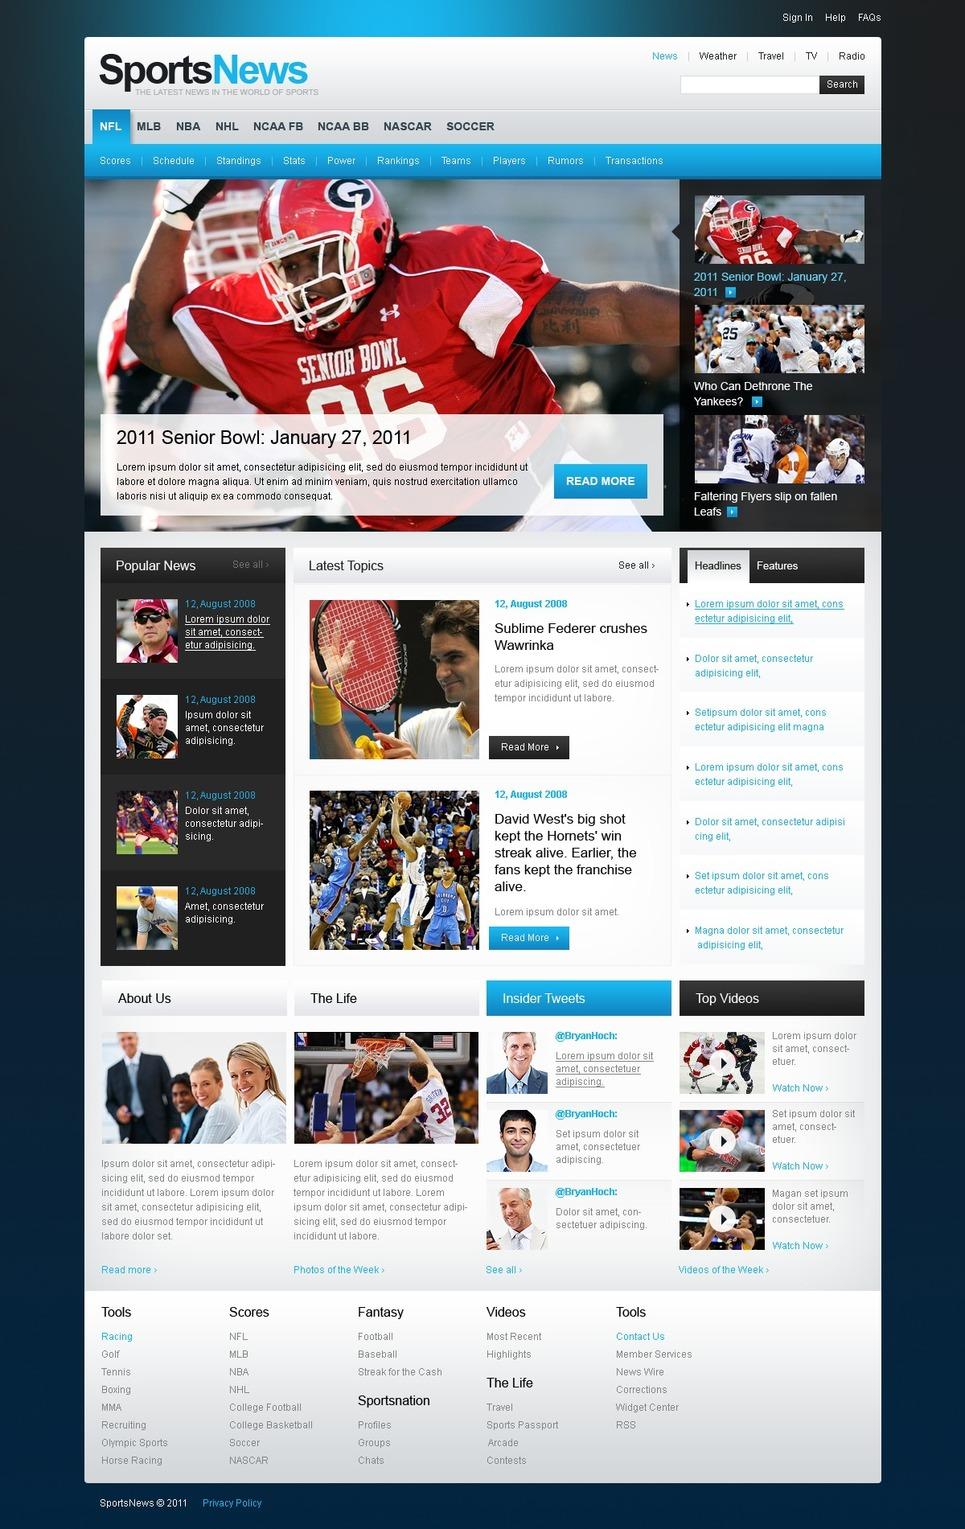 Sports News Website Template New Screenshots BIG